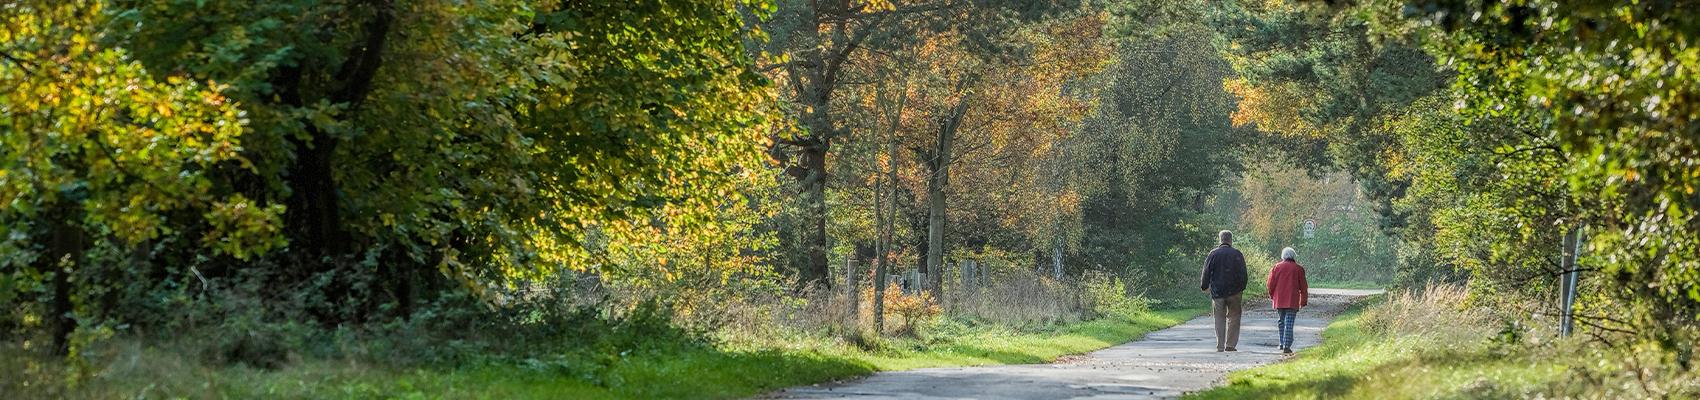 Senior Wellness Lake Oswego Senior Living Mary s Woods